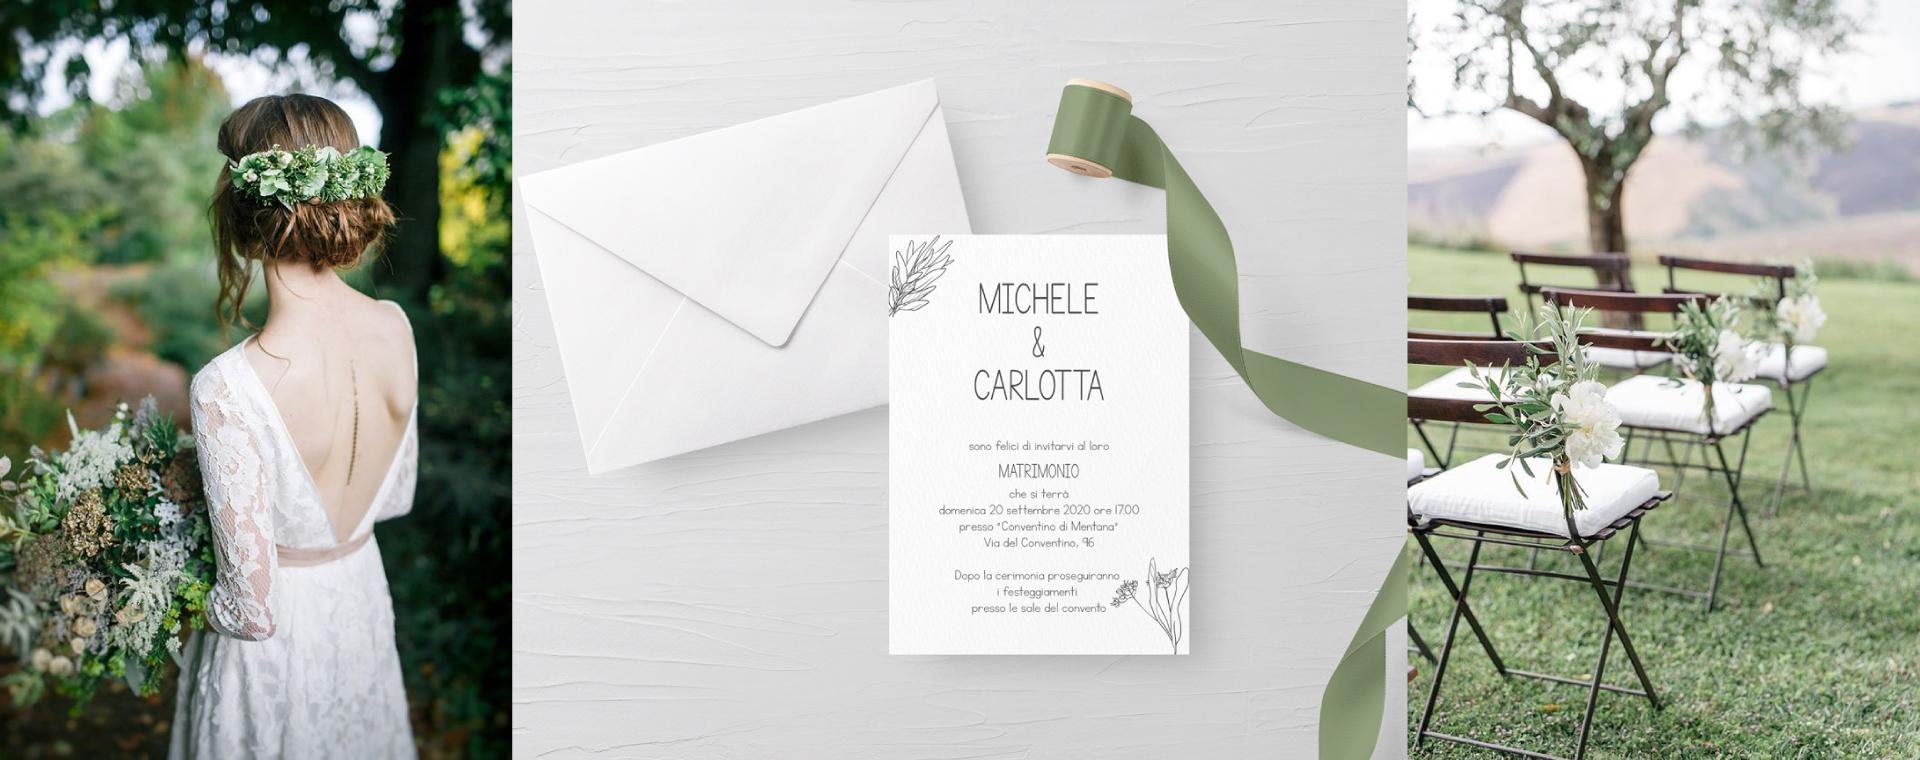 partecipazioni di matrimonio design aromatico minimal